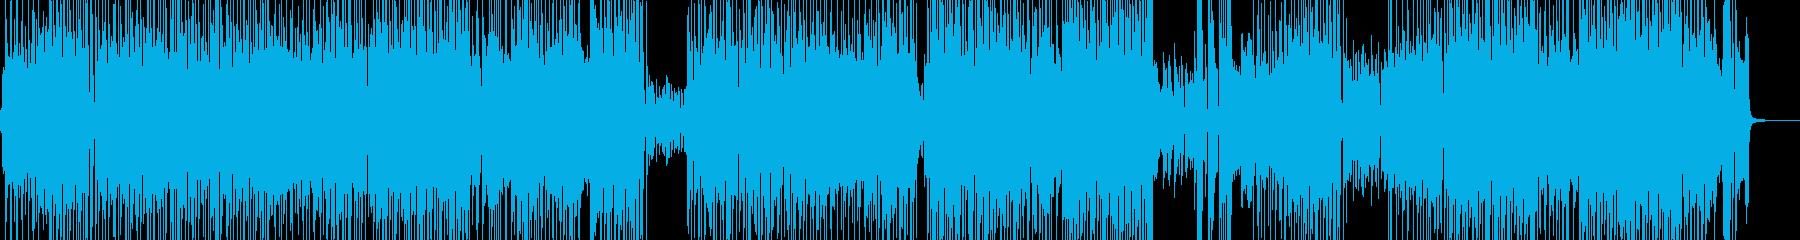 パステル調・少女風メルヘンロックA+★の再生済みの波形